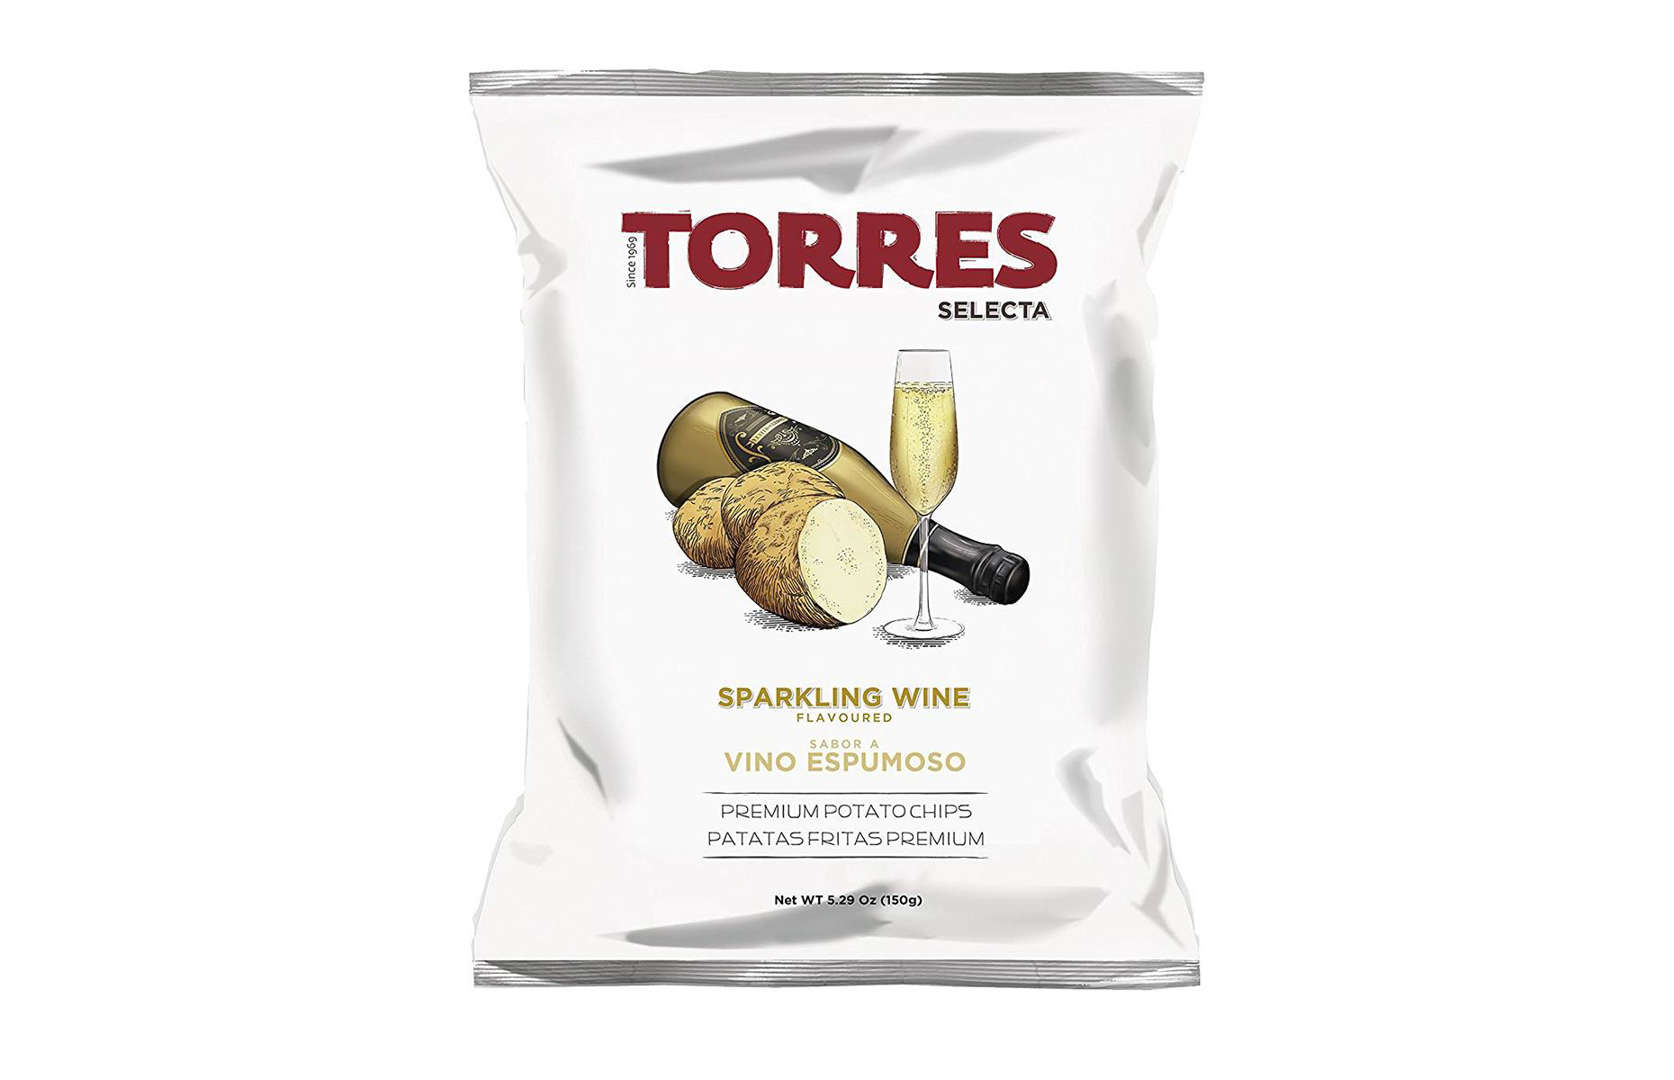 Diapositiva 4 de 32: Un verdadero bocadillo de celebración, se dice que estas chips de vino espumoso de la marca española Torres tienen notas afrutadas y un efecto burbujeante, debido al sabor del vino espumoso y al caramelo reventado. También nos gusta el atractivo y sofisticado envase.